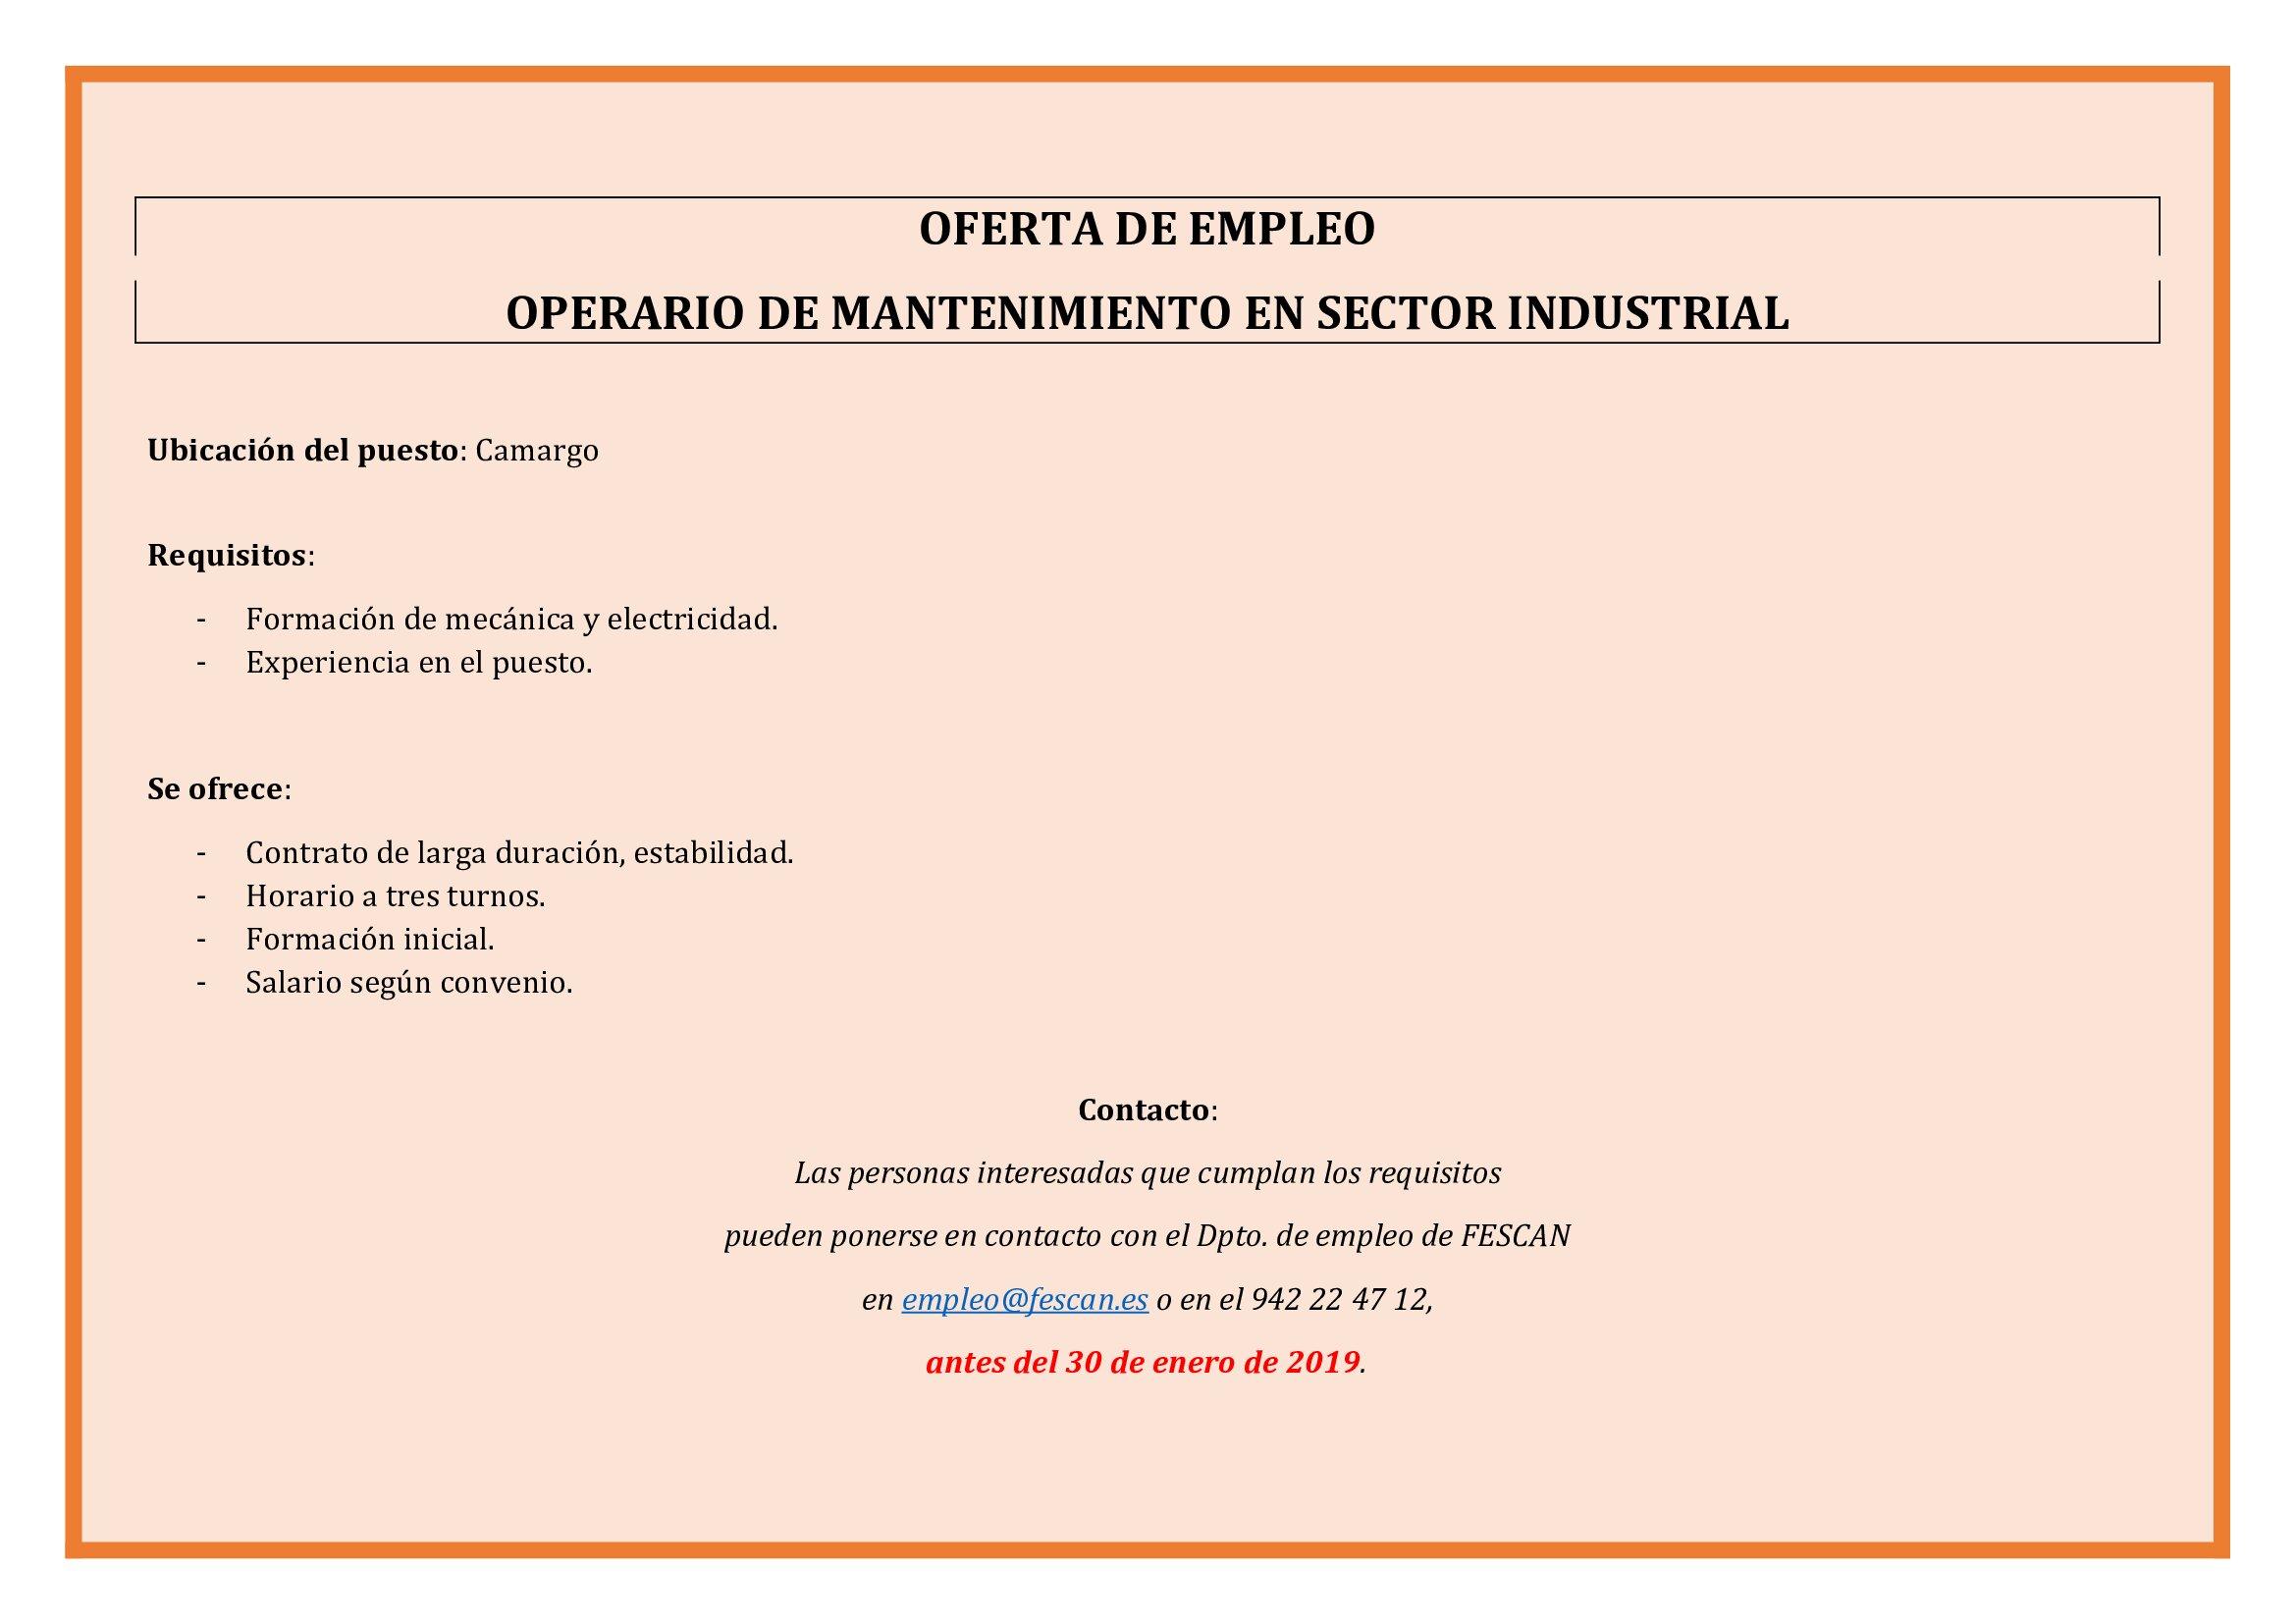 OFERTA DE EMPLEO OPERARIO DE MANTENIMIENTO